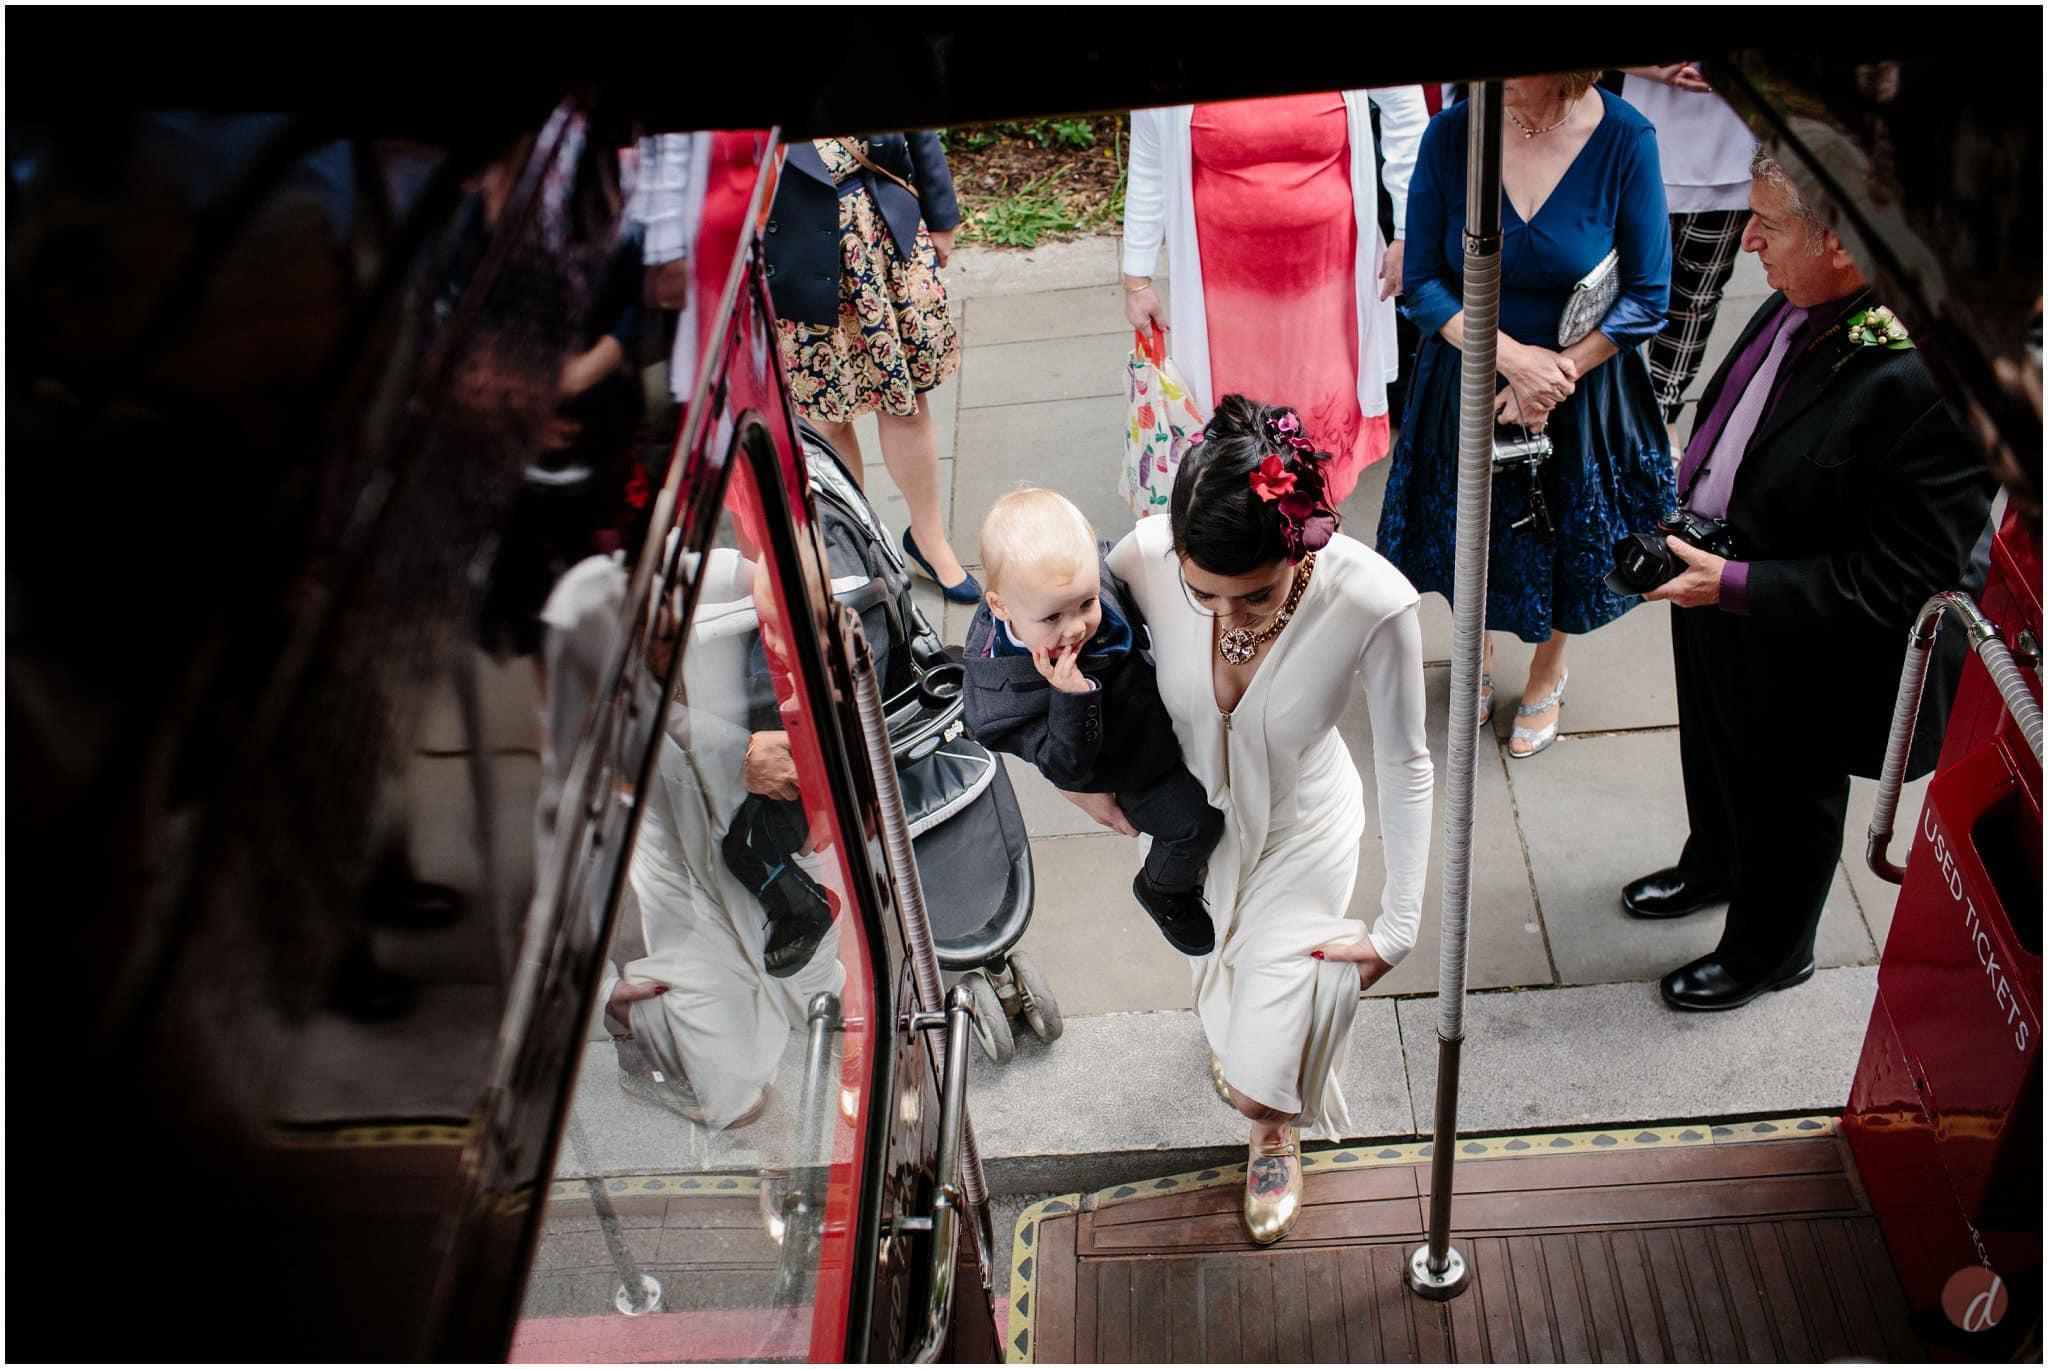 routemaster bus at wedding